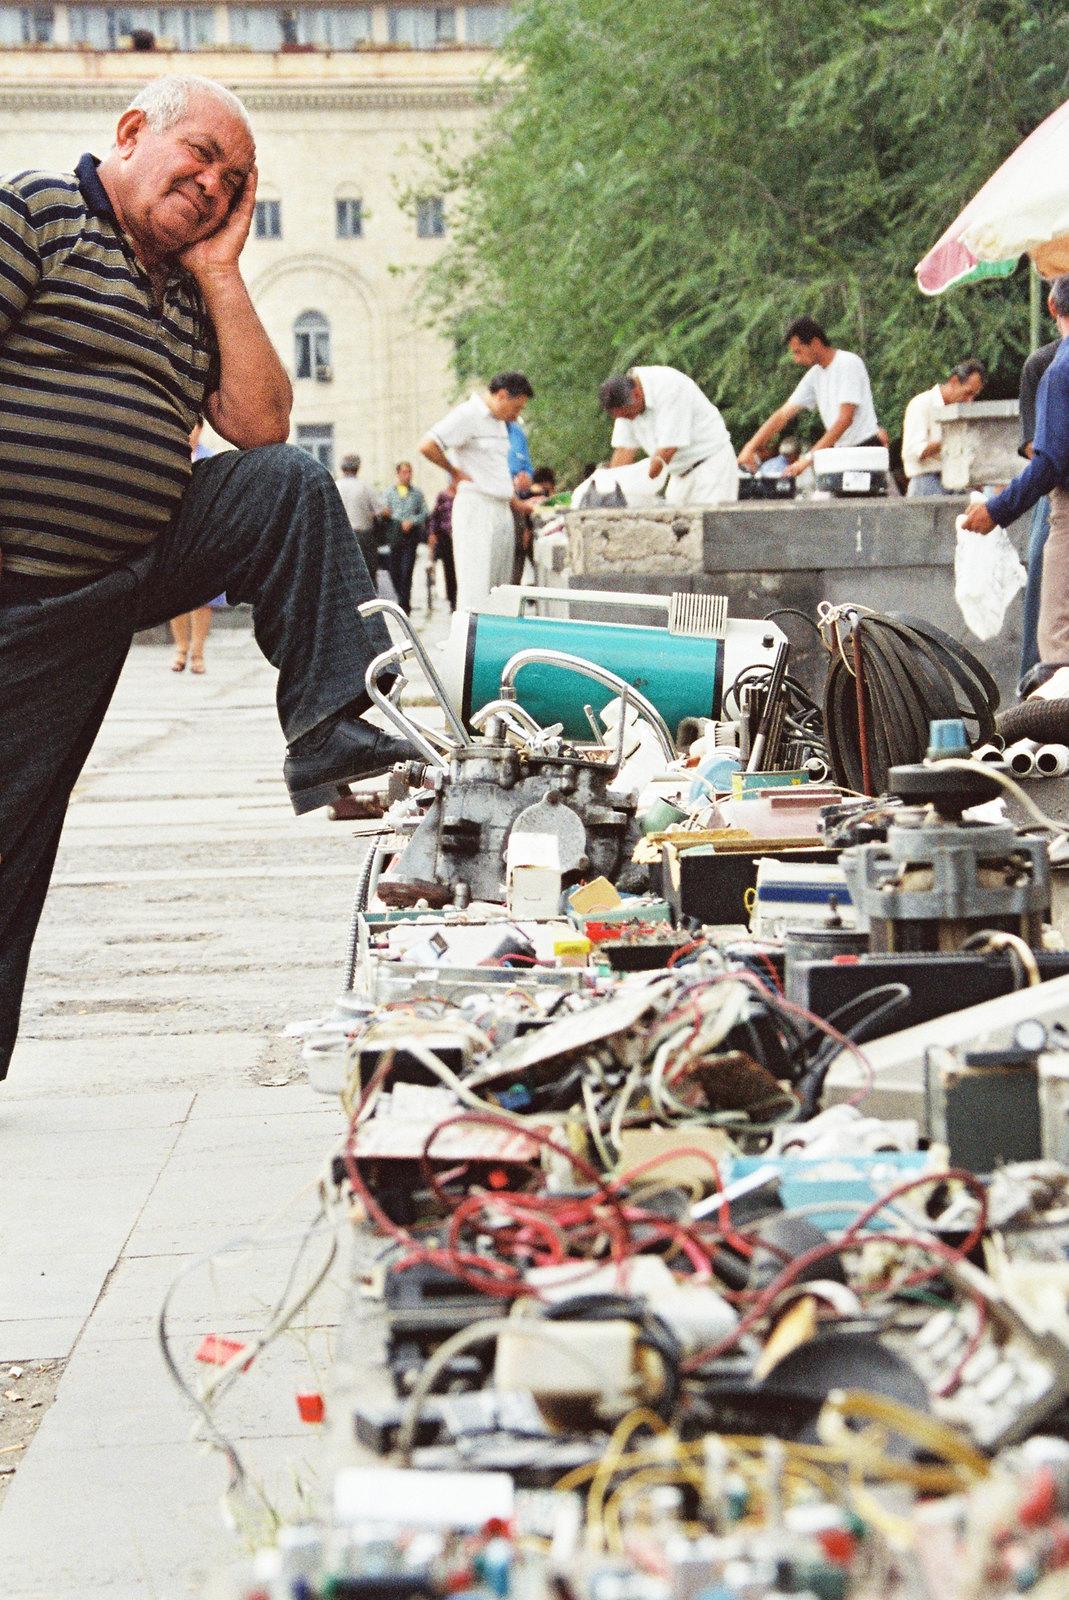 Tomber sous le charme de l'Arménie - Le marché aux puces